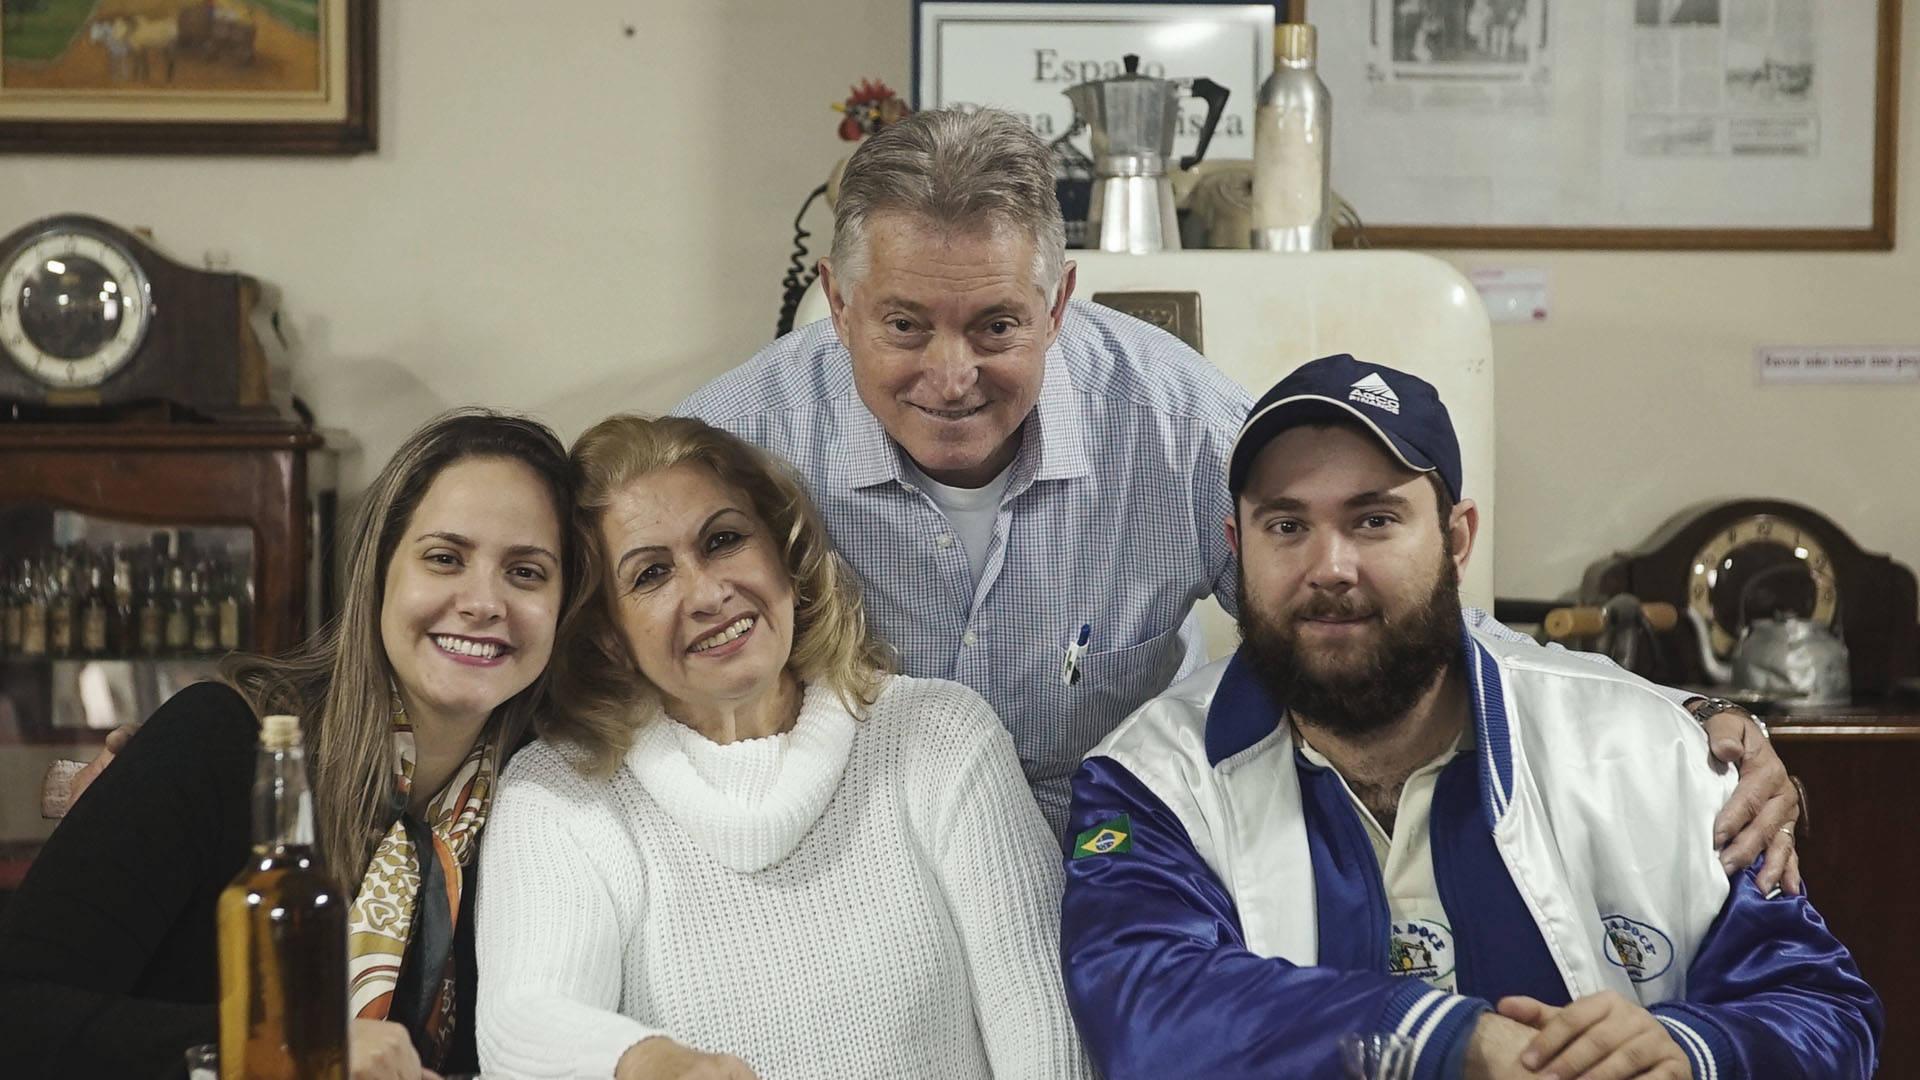 Delfino posa para foto com a sua família.